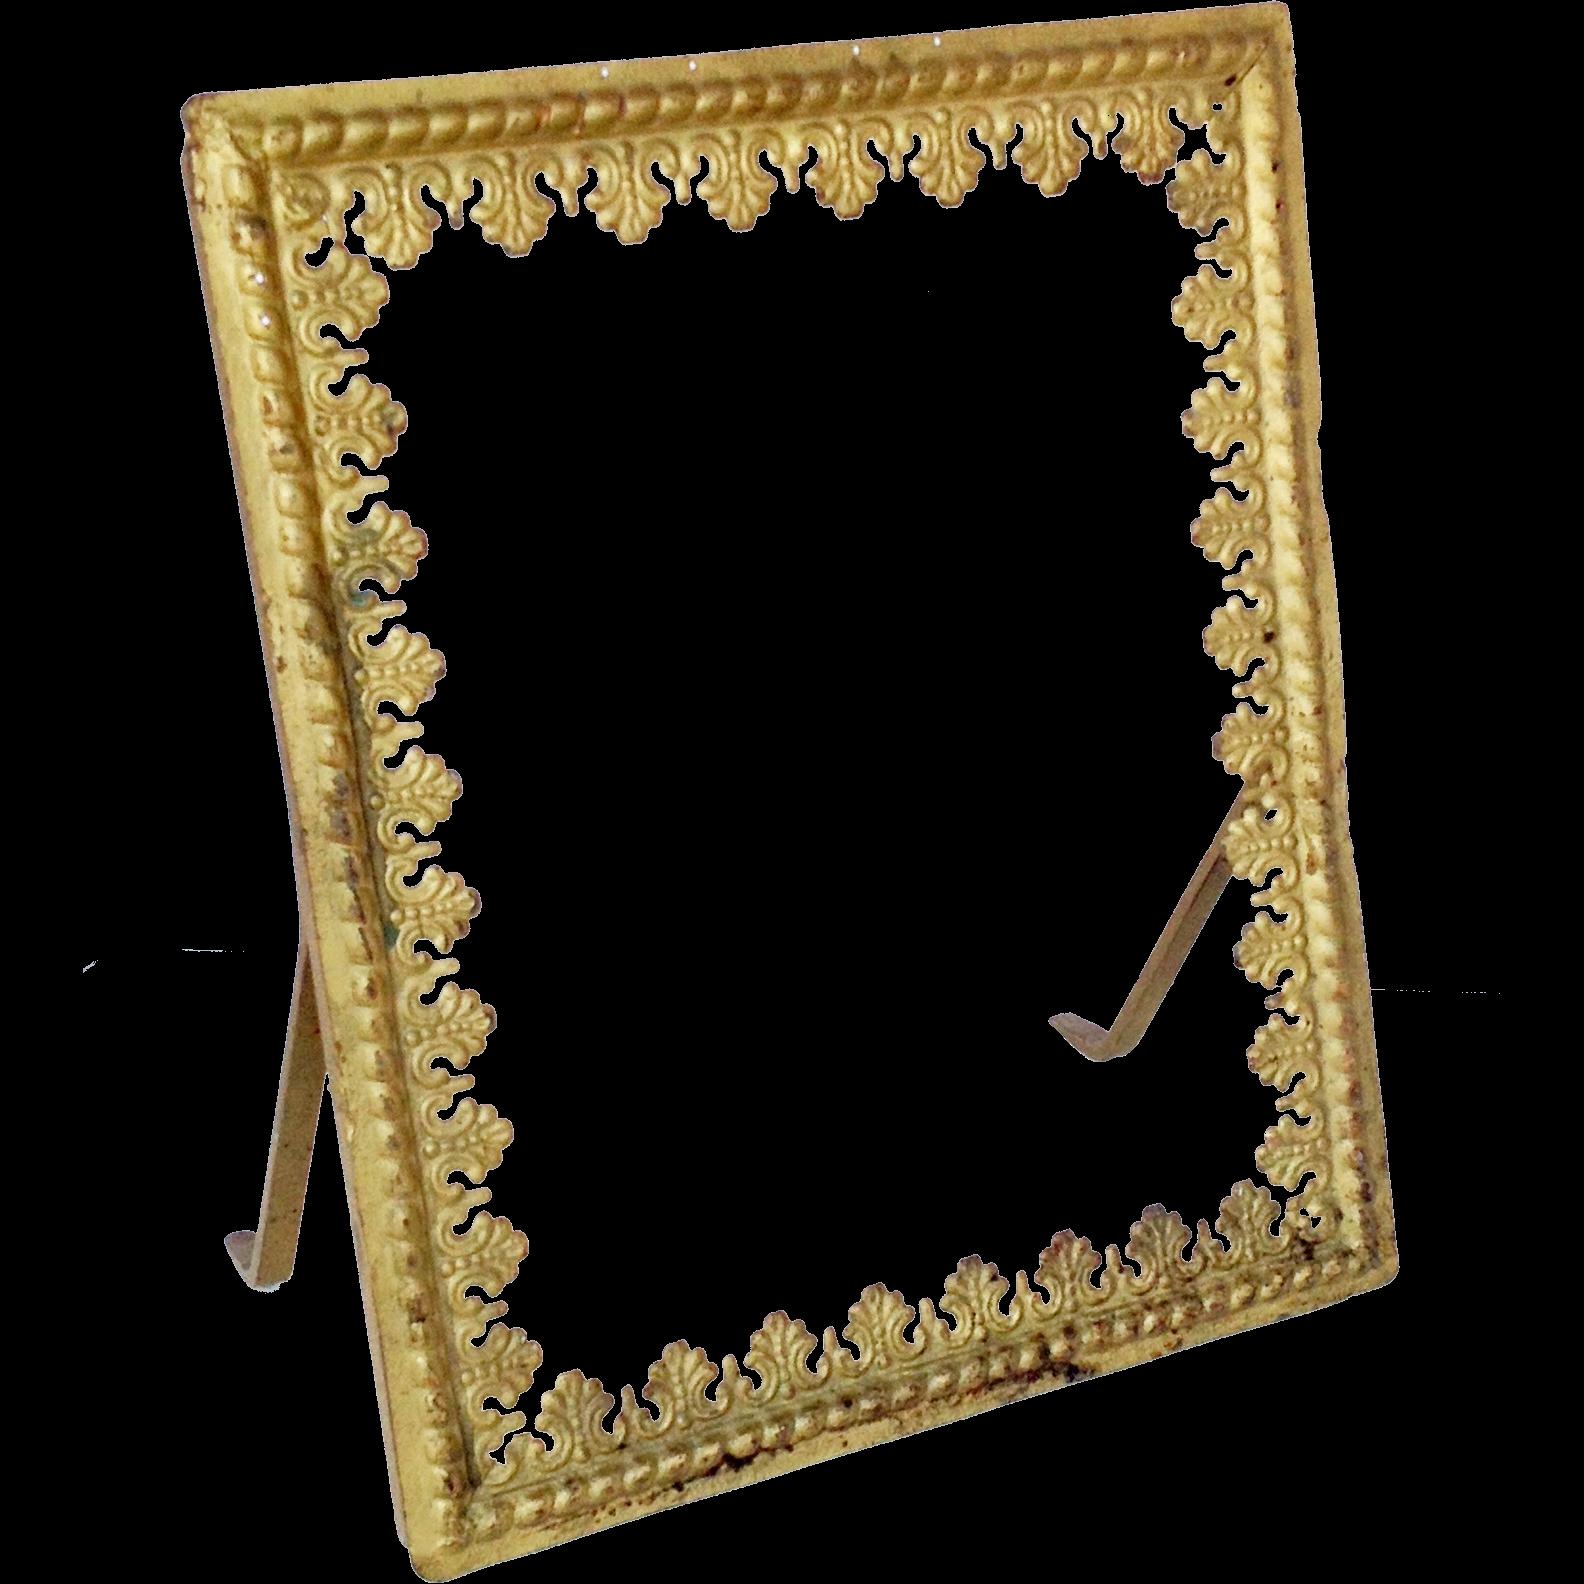 gold metal frame mirror frame picture frame vintage with easel back - Easel Backs For Picture Frames